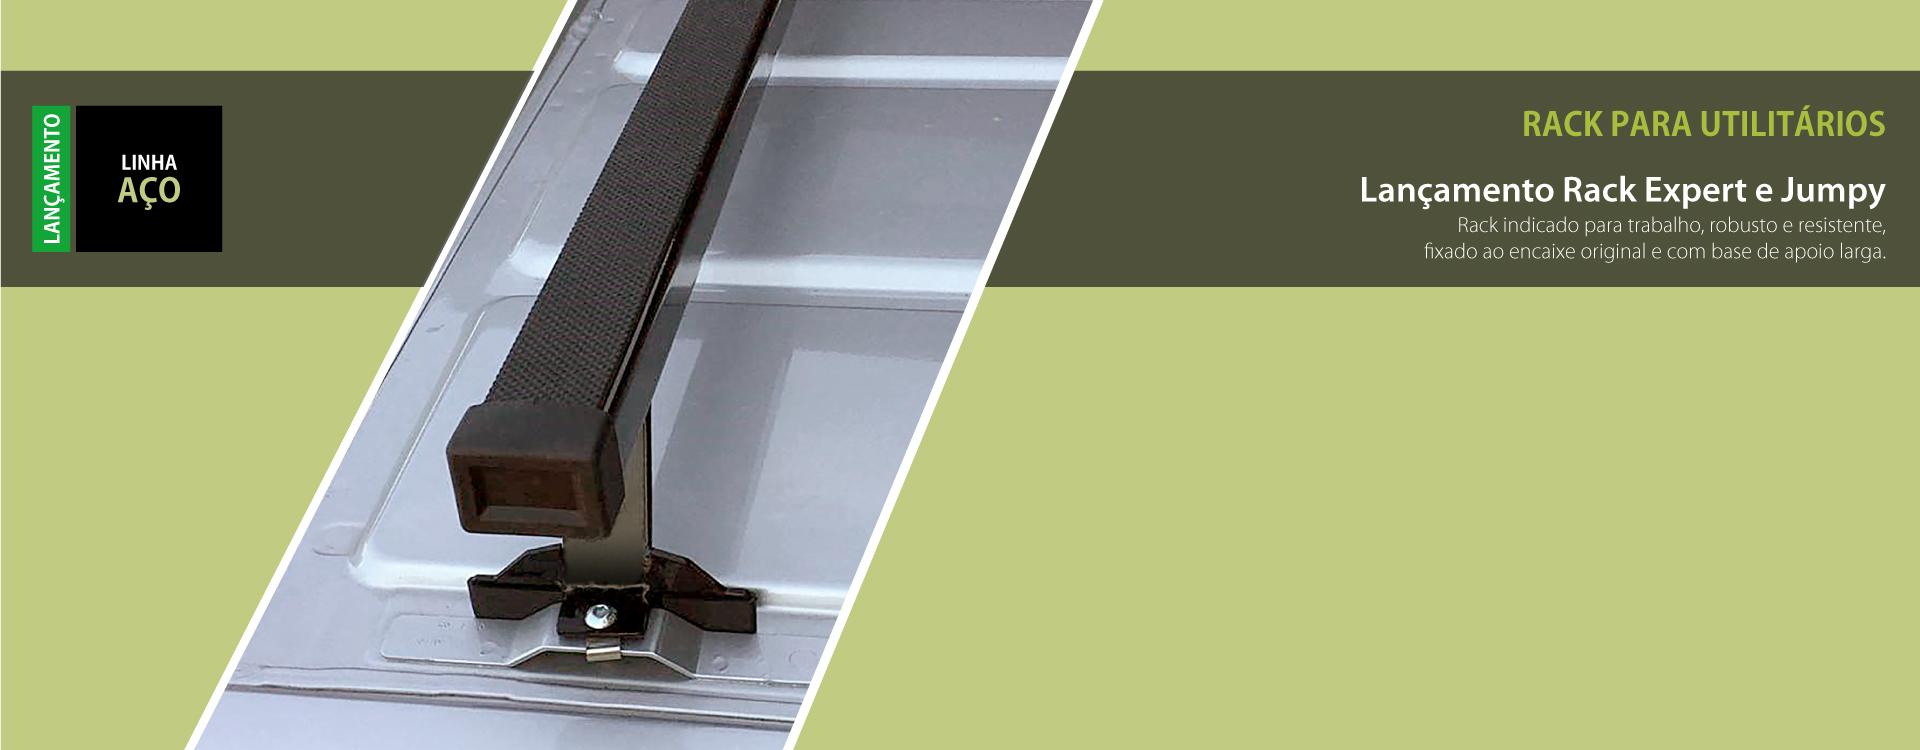 Novo rack para utilitários. lançamento rack expert e jumpy. Esse rack é indicado para trabalho, robusto e resistente, fixado ao encaixe original e com base de apoio large.